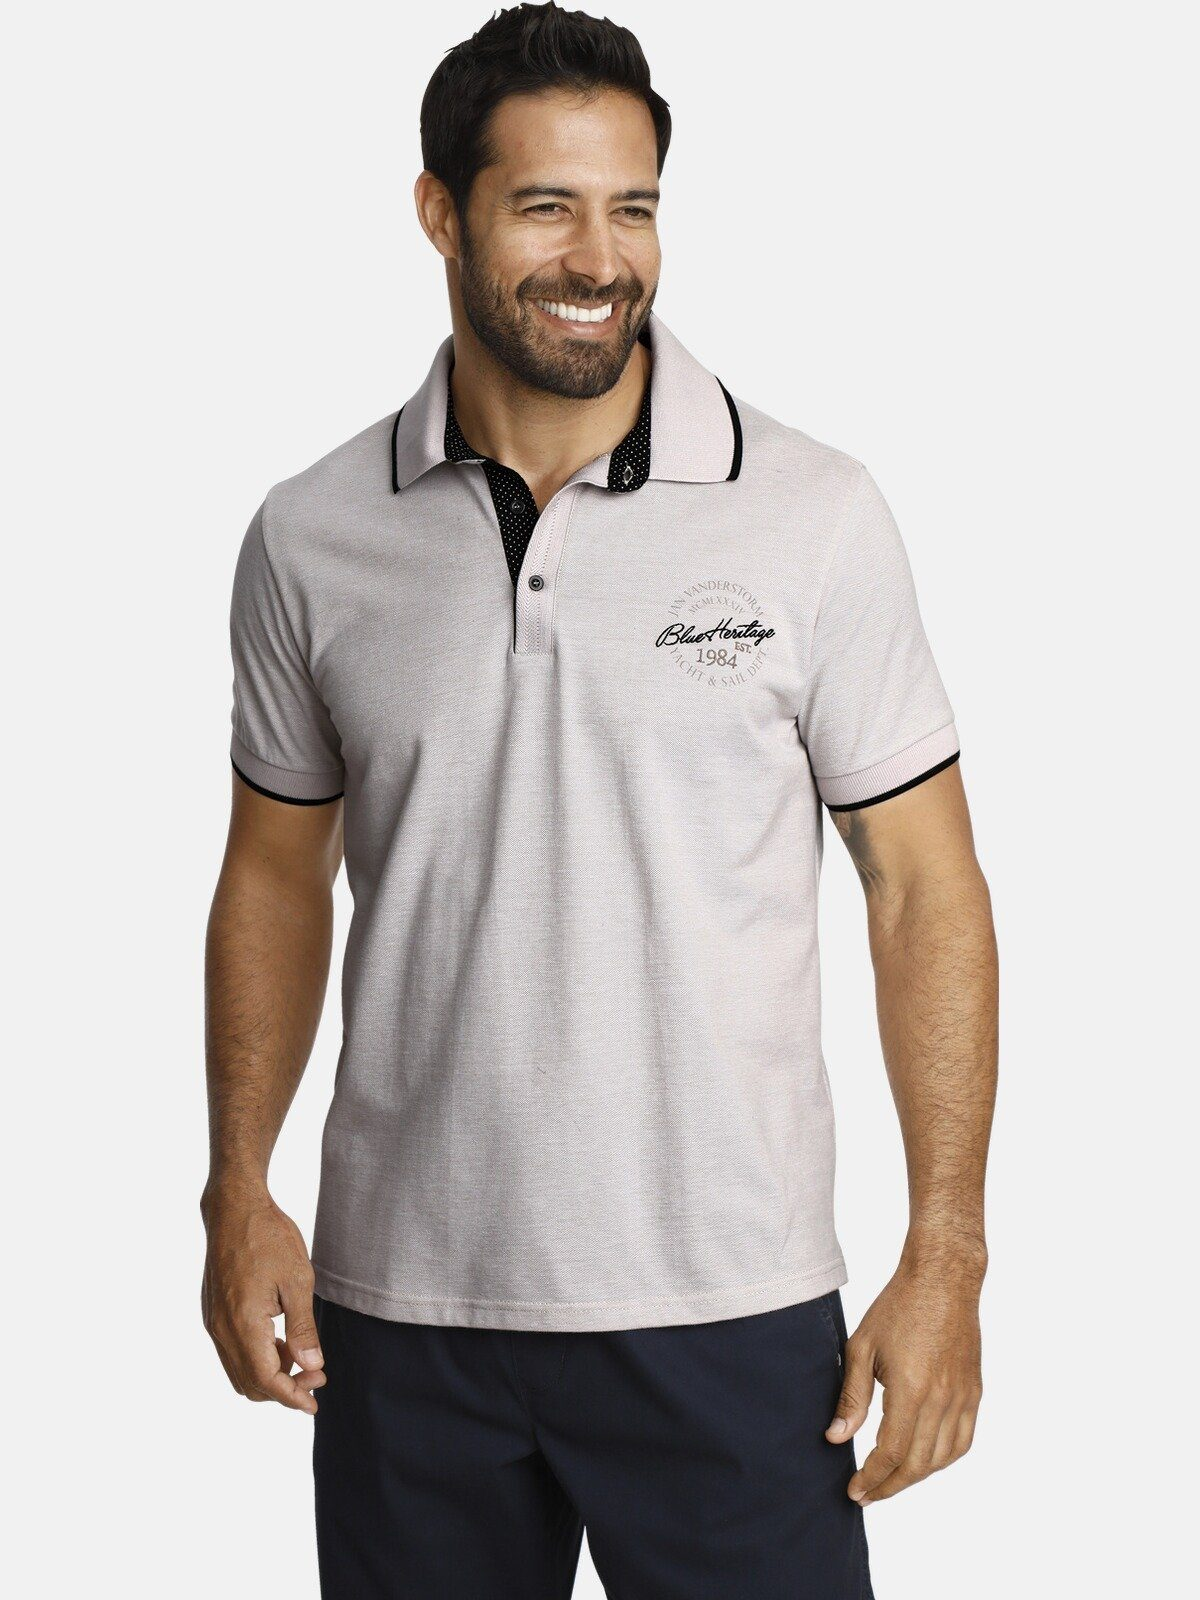 68//70 Gr Herren Pikee Poloshirt Shirt Grau 4XL